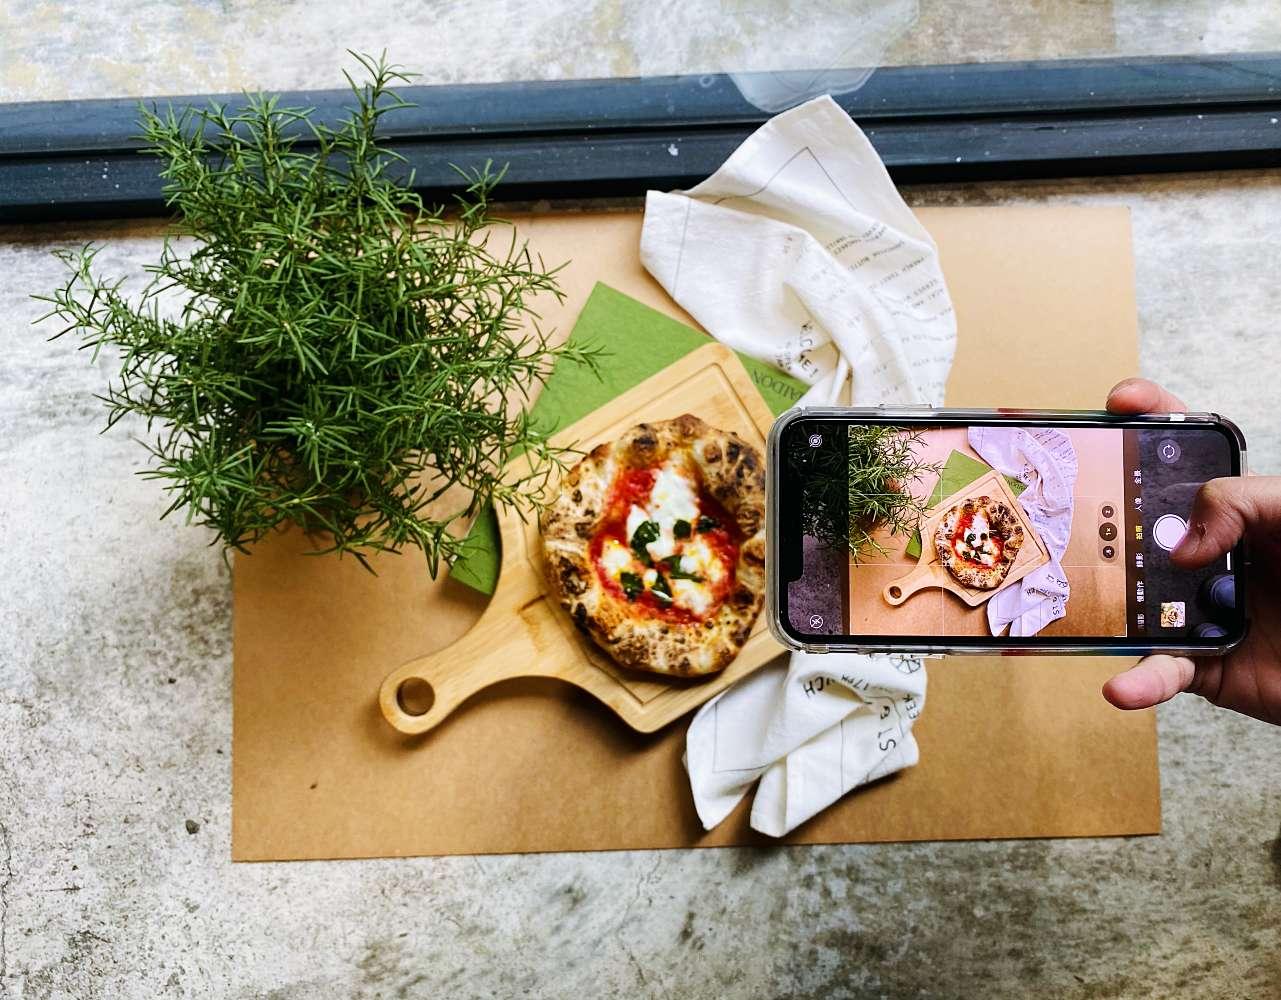 食物攝影 手機攝影 拍照技巧 拍食物照